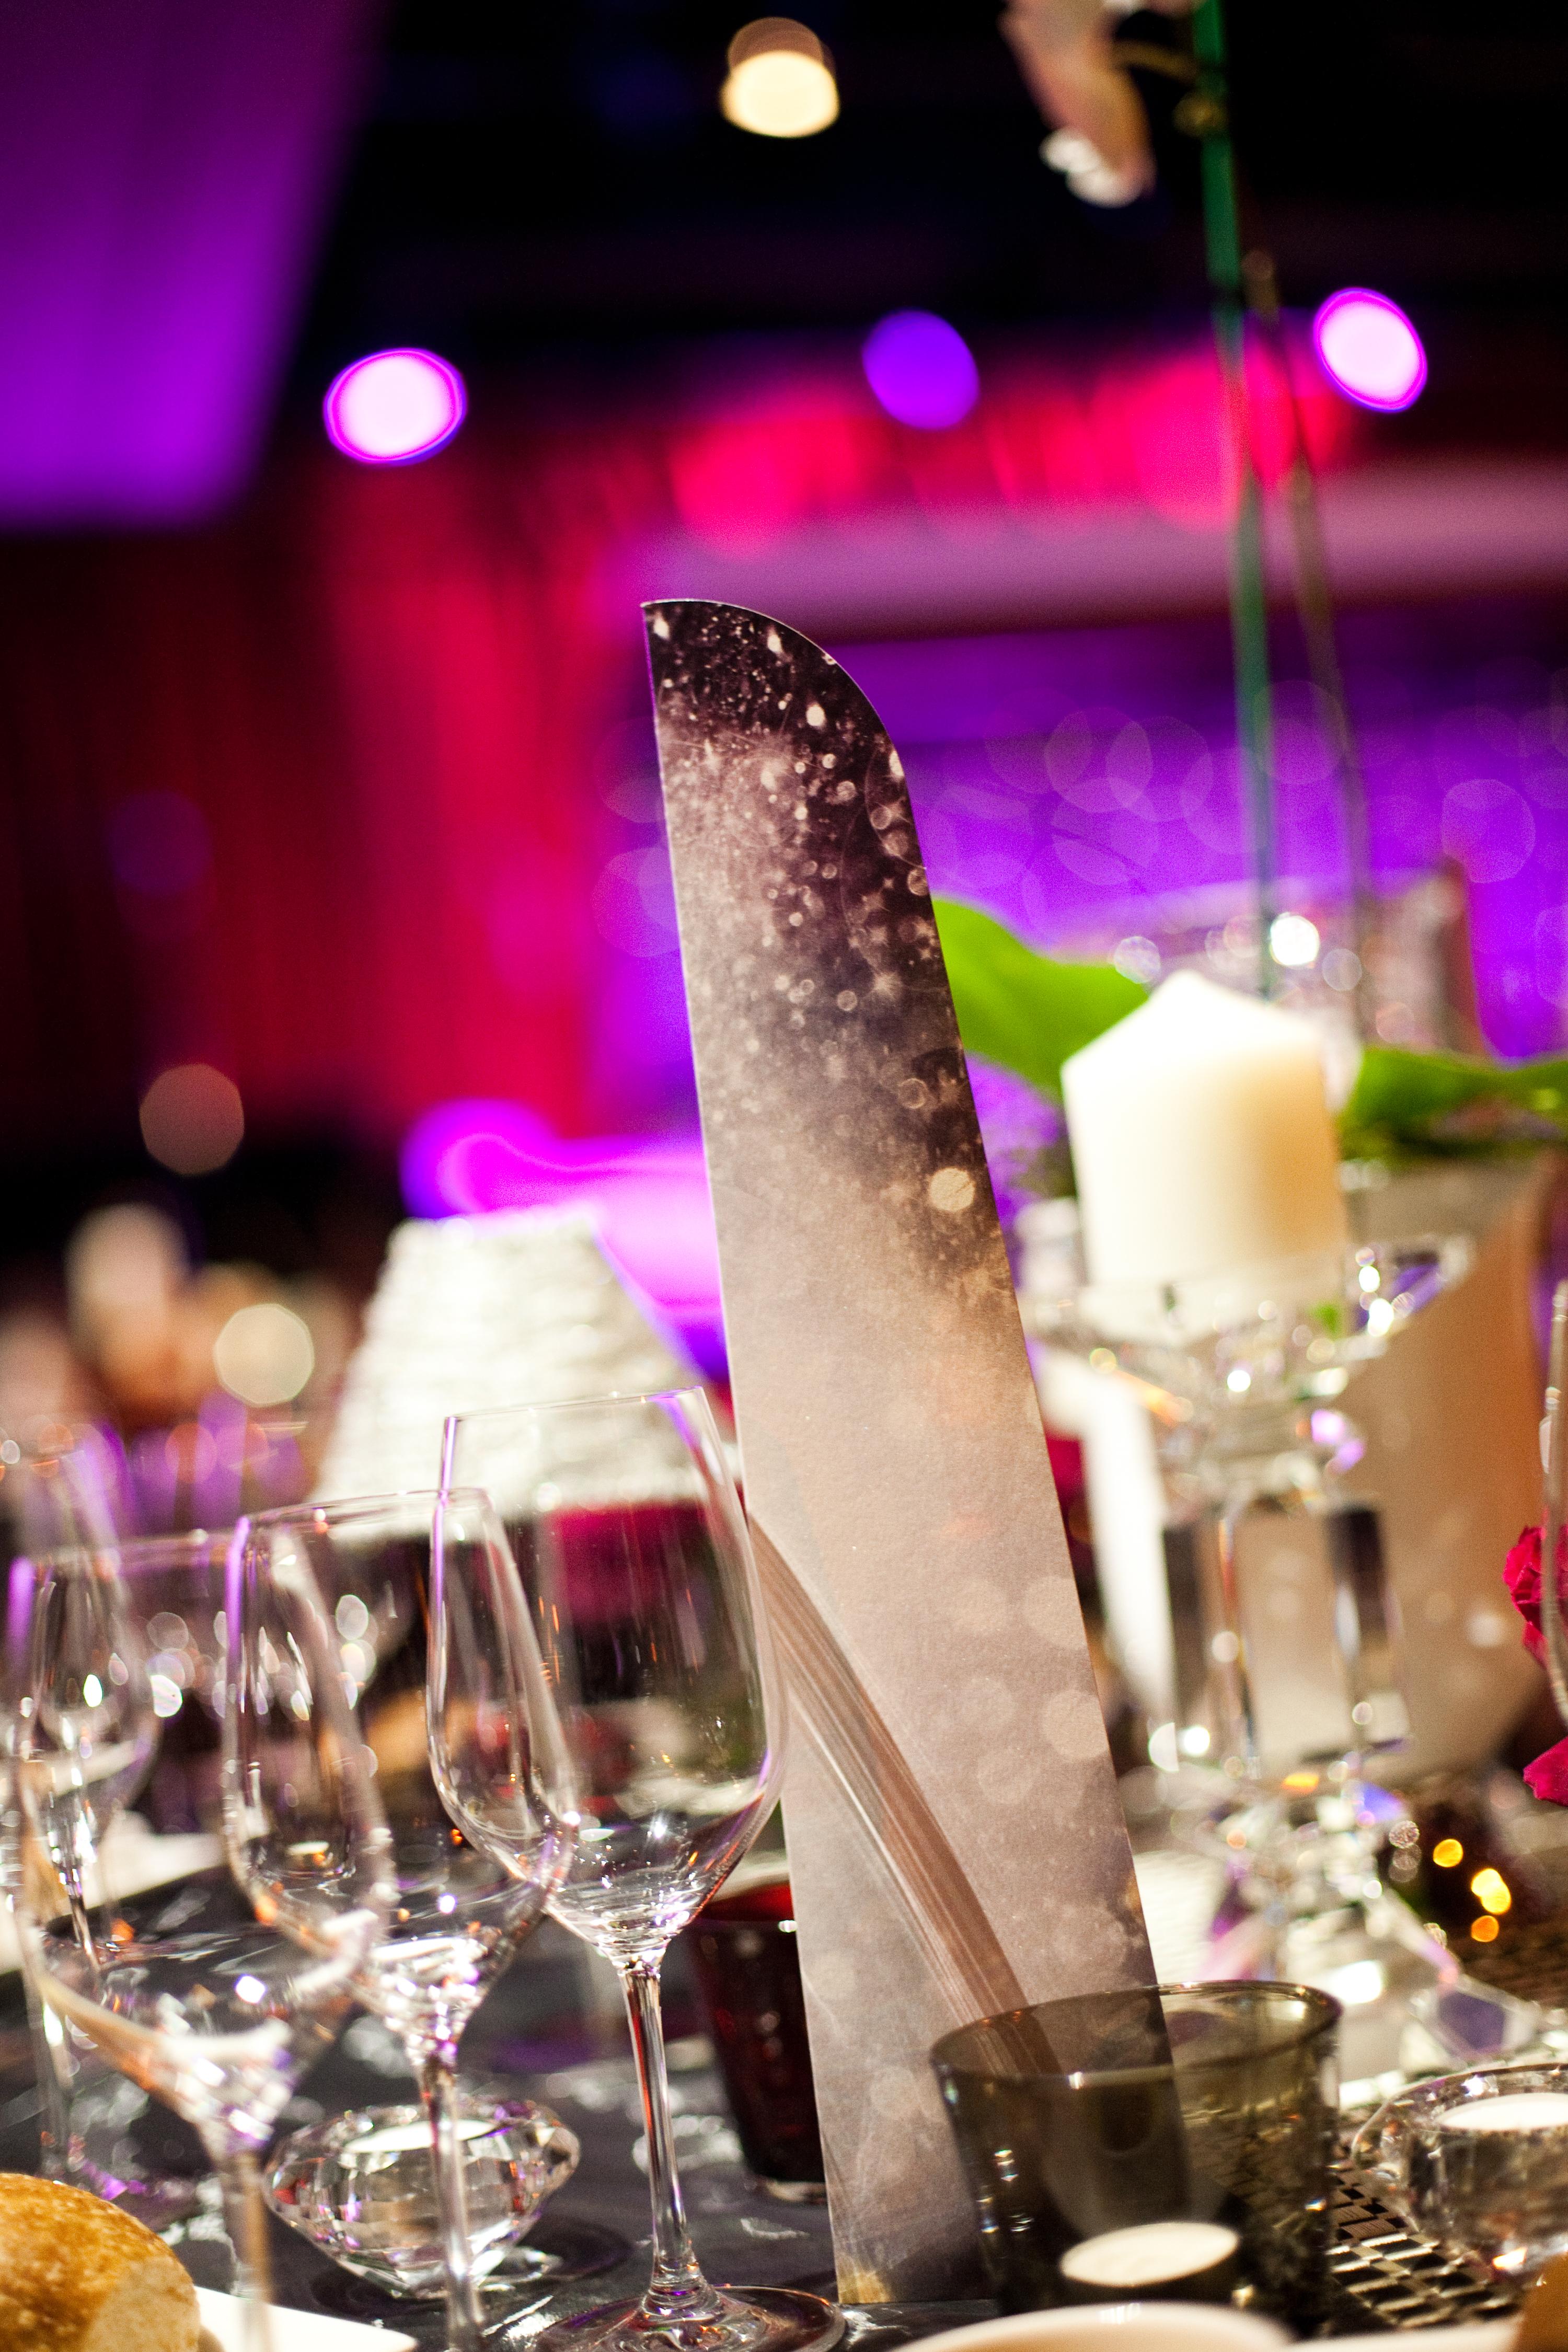 Gala dinner spaces